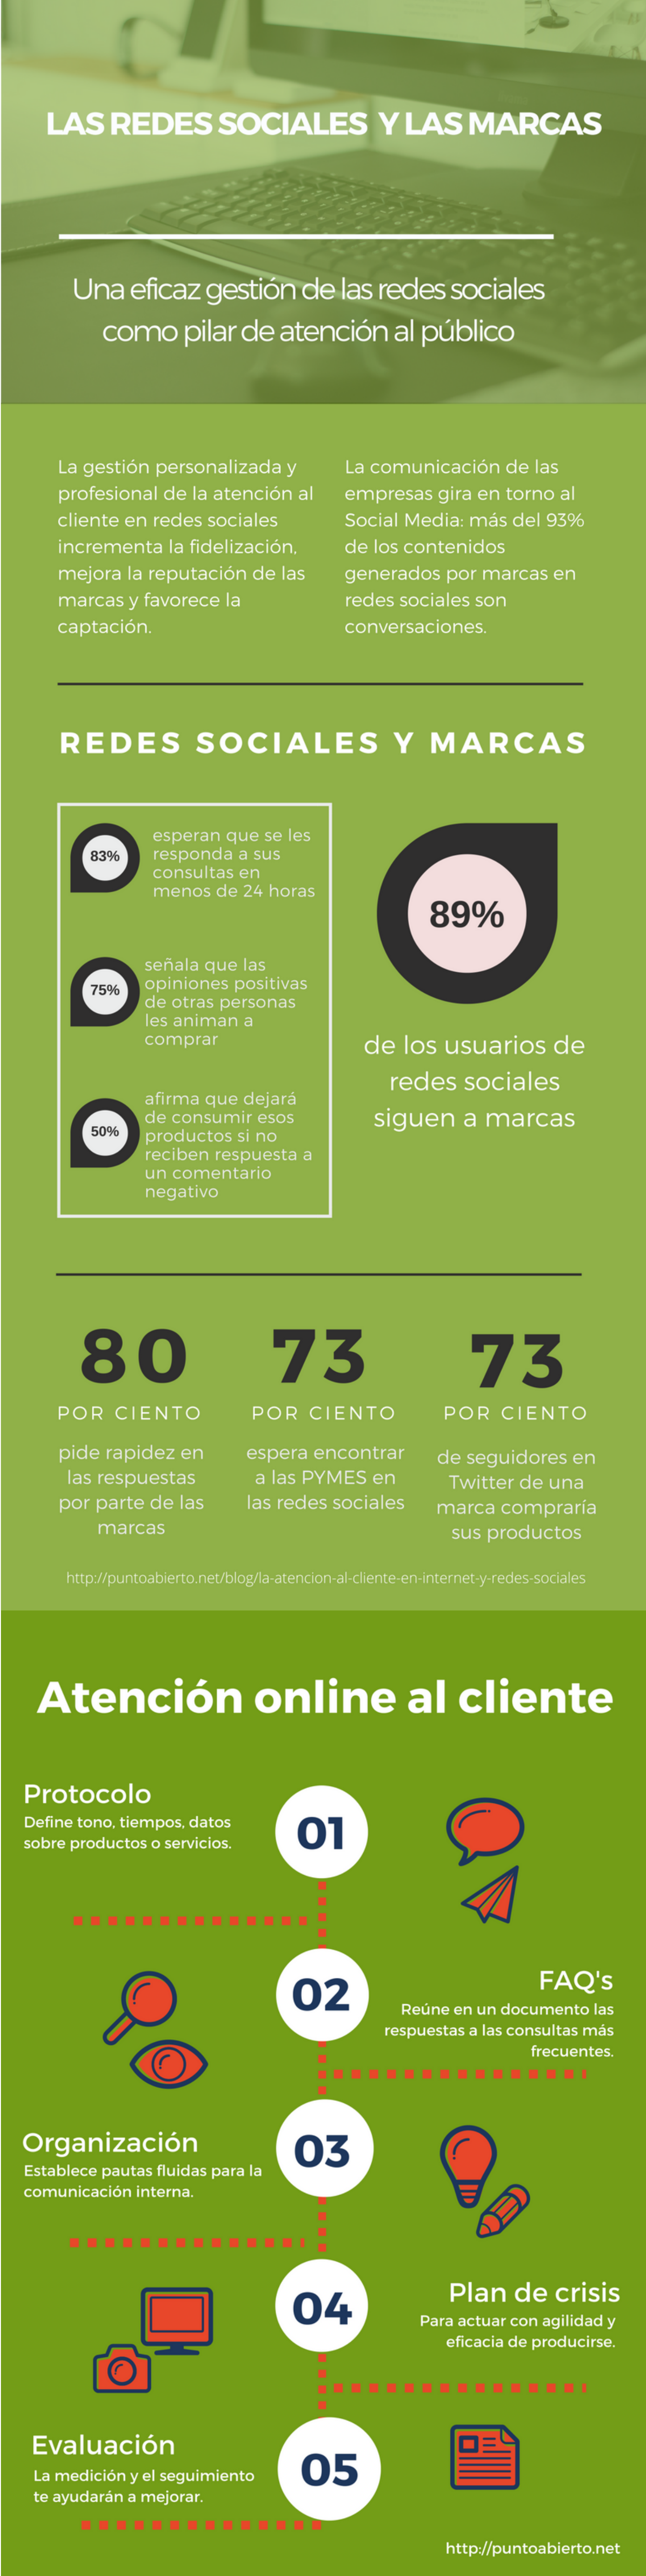 Redes Sociales: marcas y atención al cliente #infografia #socialmedia #marketing